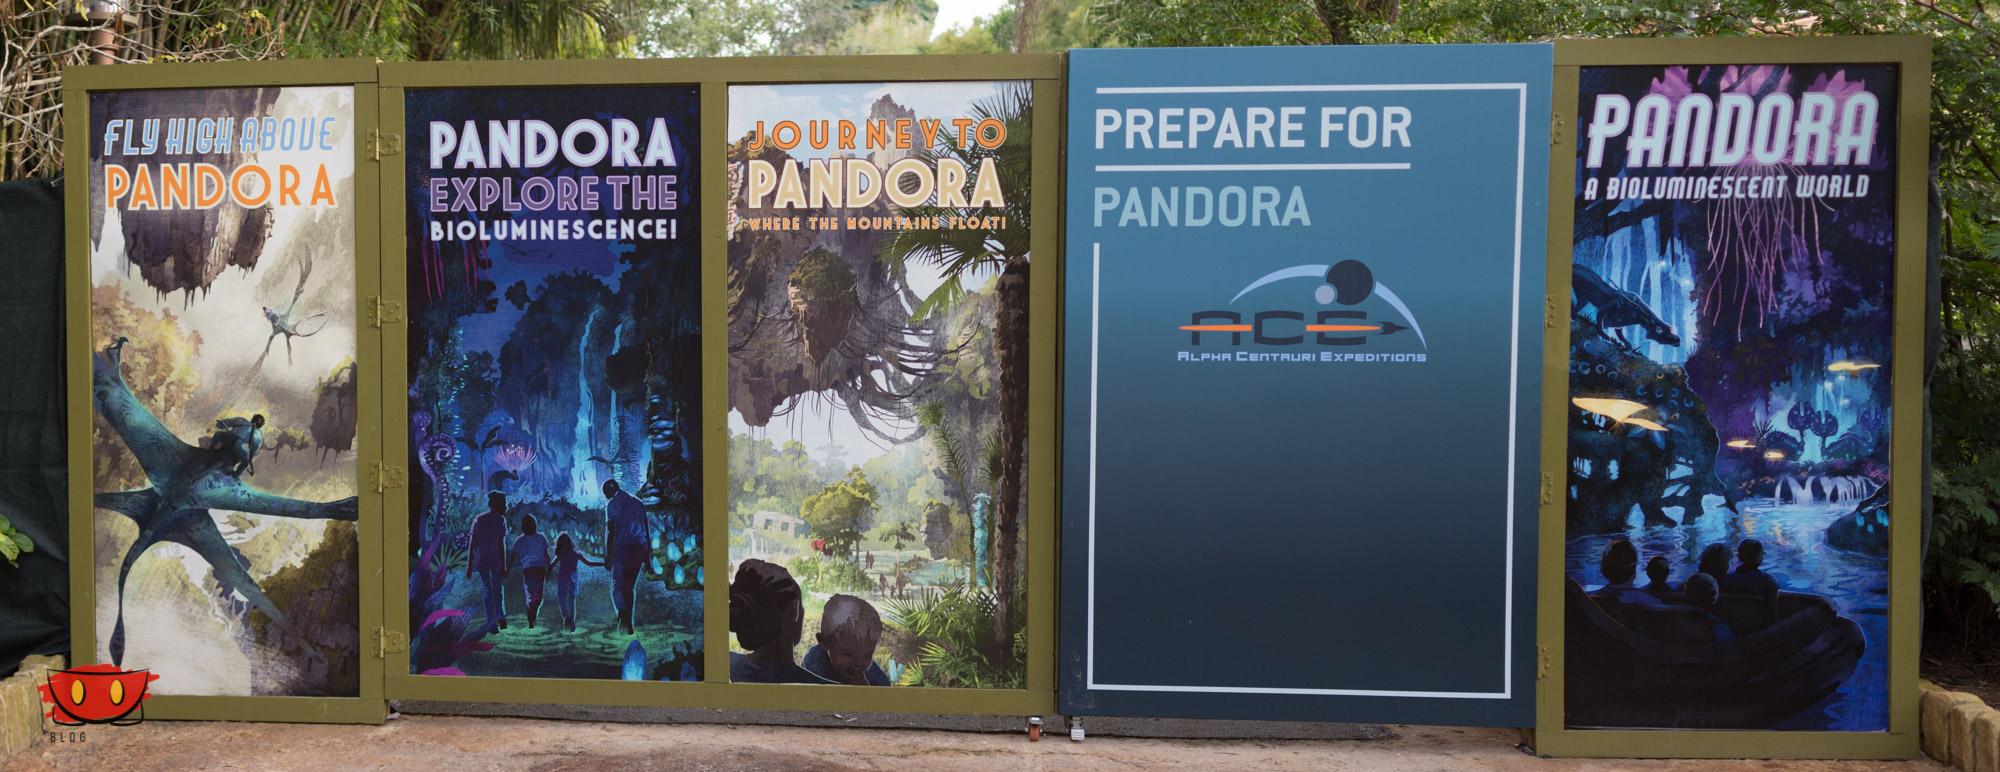 Pandora_07212016-20